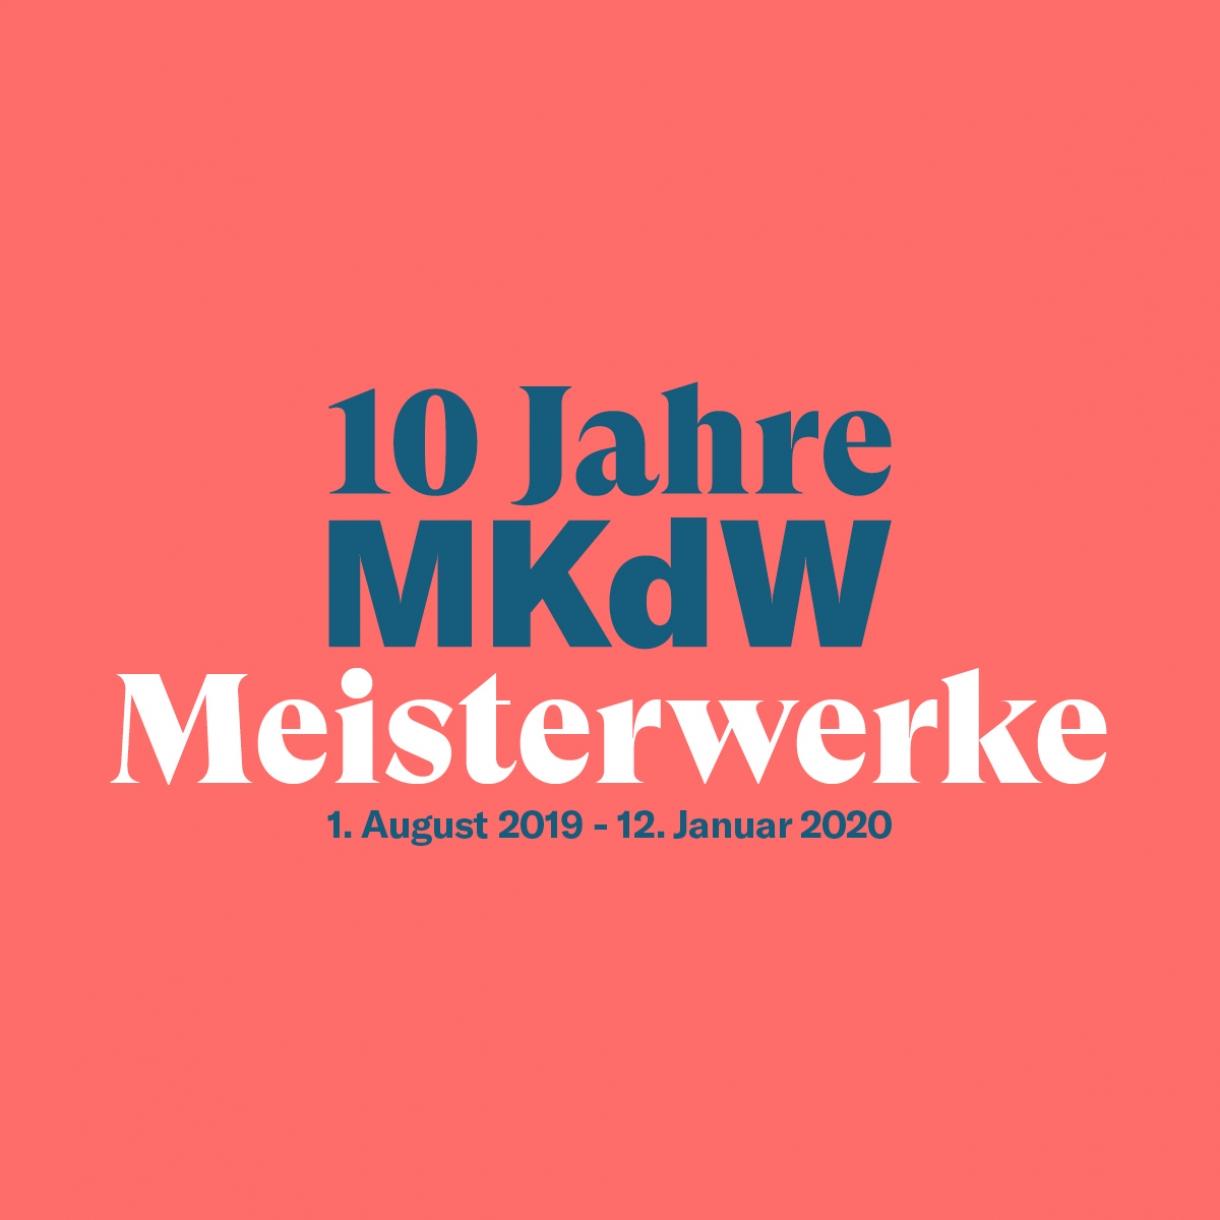 10 Jahre MKdW Meisterwerke